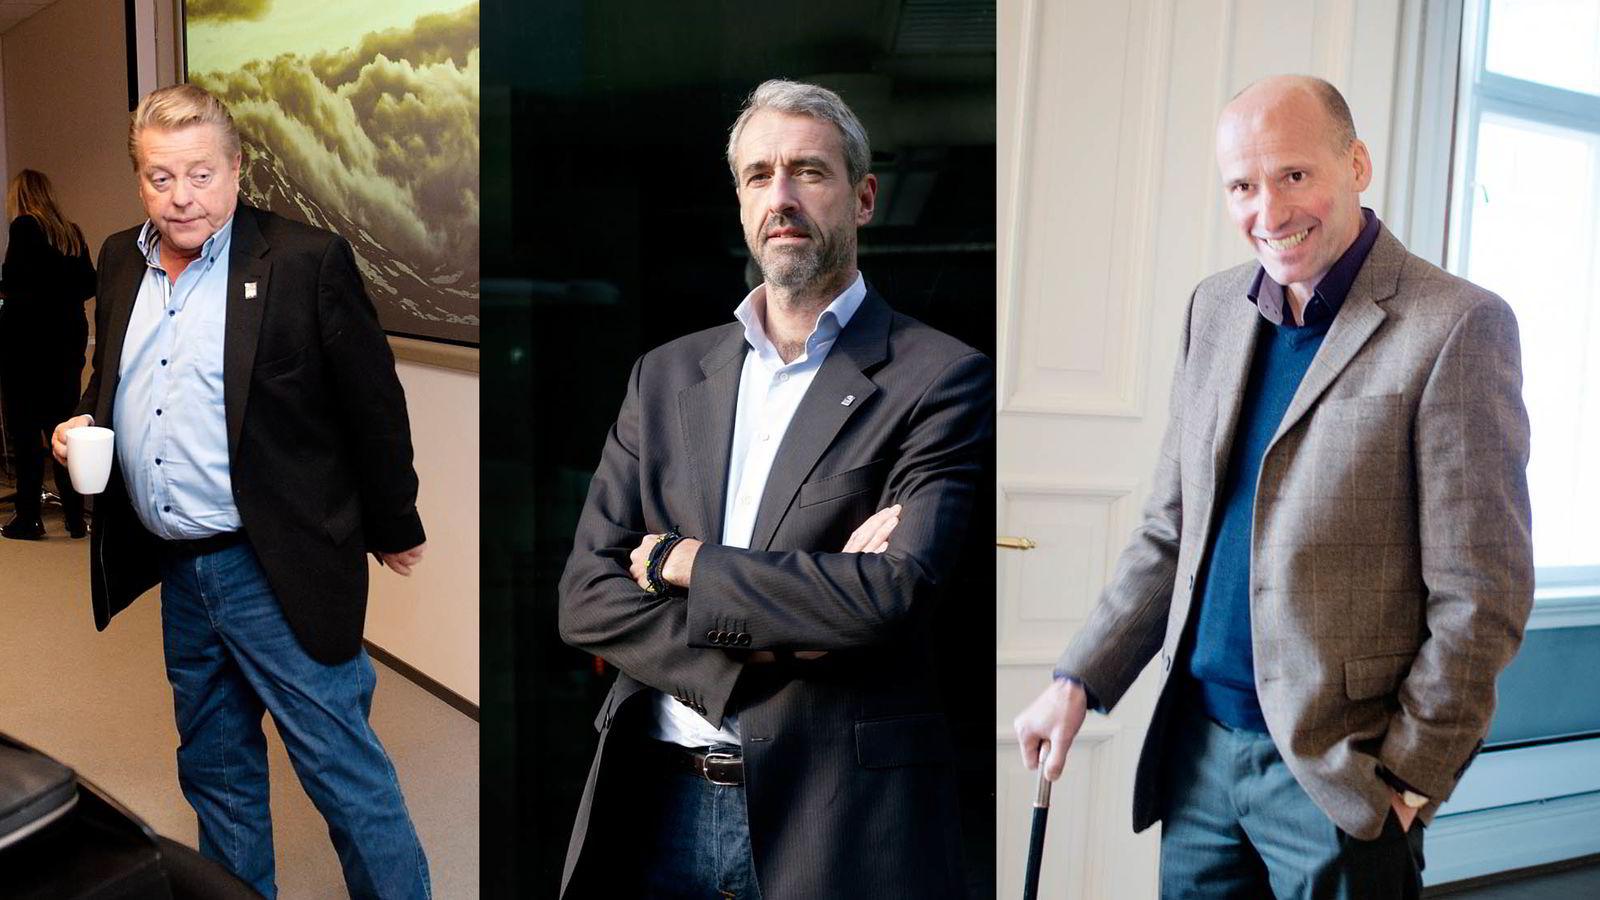 LOL-LOBBYEN. Idrettspresident Børre Rognlien (fra venstre), Olaf Thommessen og advokat Geir Lippestad er blant aktørene som gjør OL til LOL, mener kommentator Torgrim Eggen.